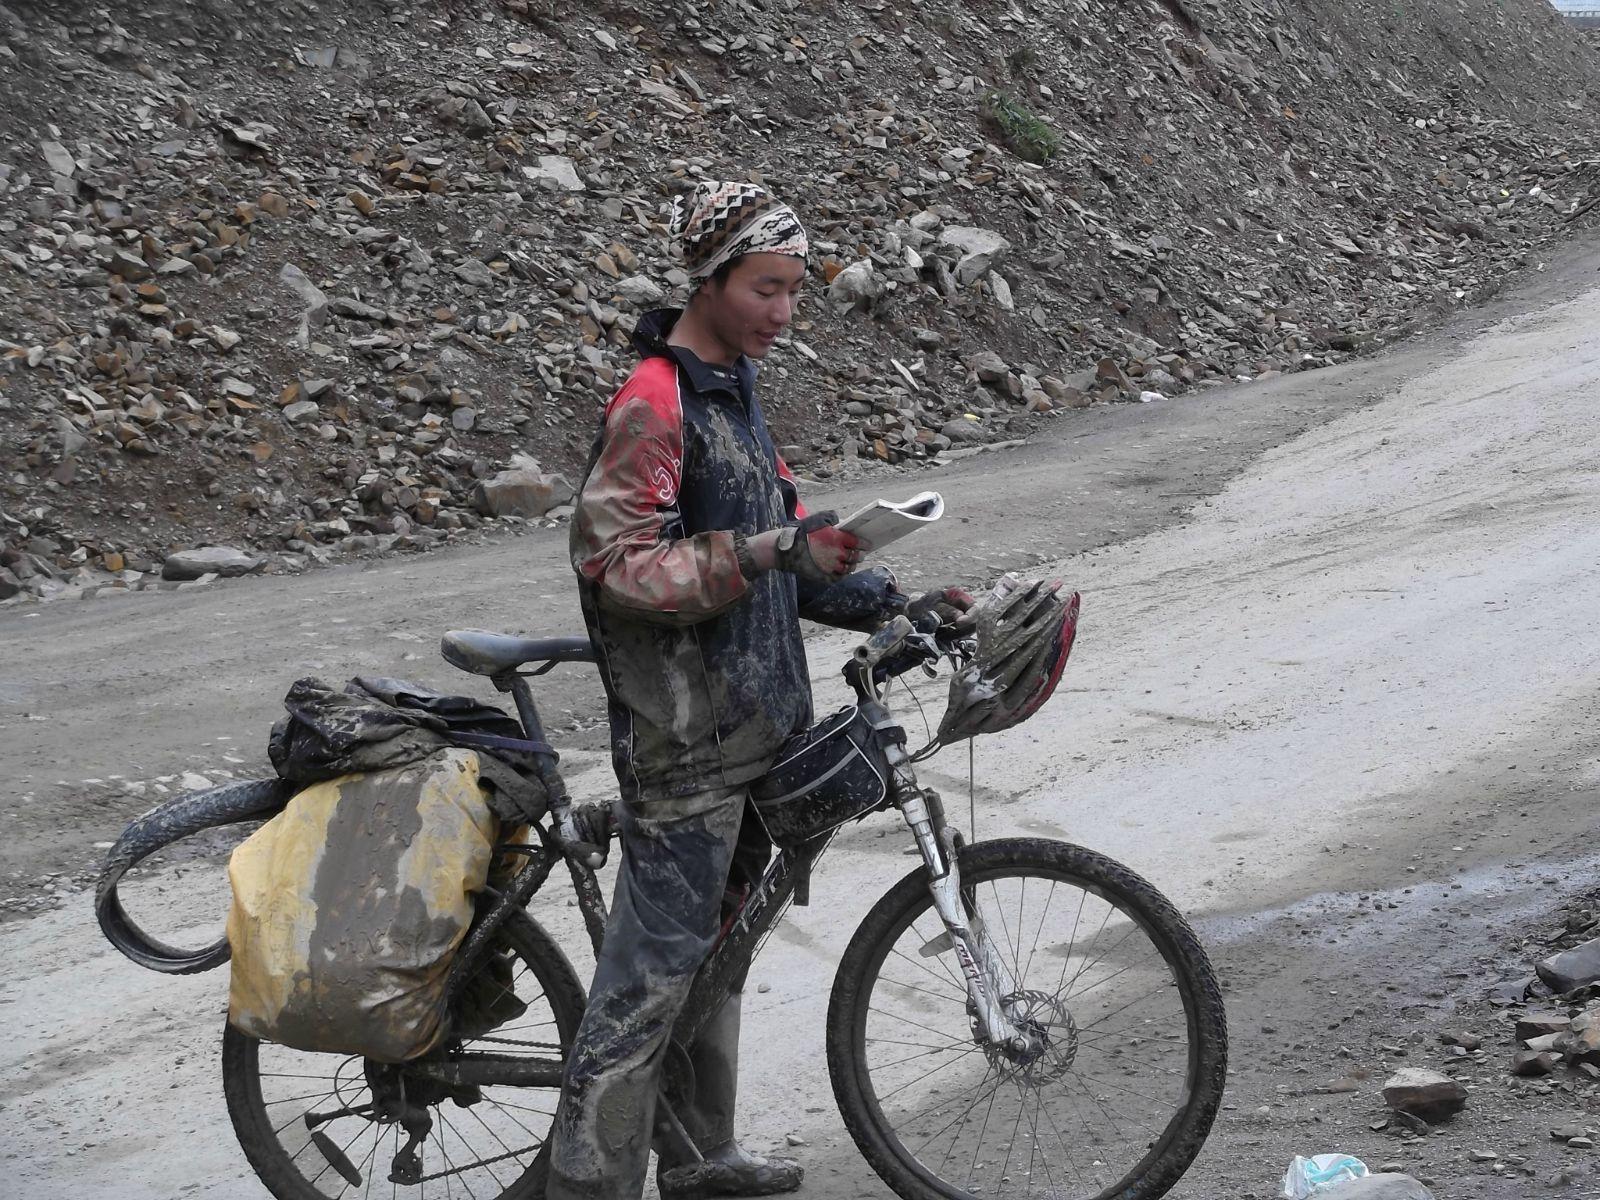 骑车去西藏:骑友骑行西藏美景图片分享 图7